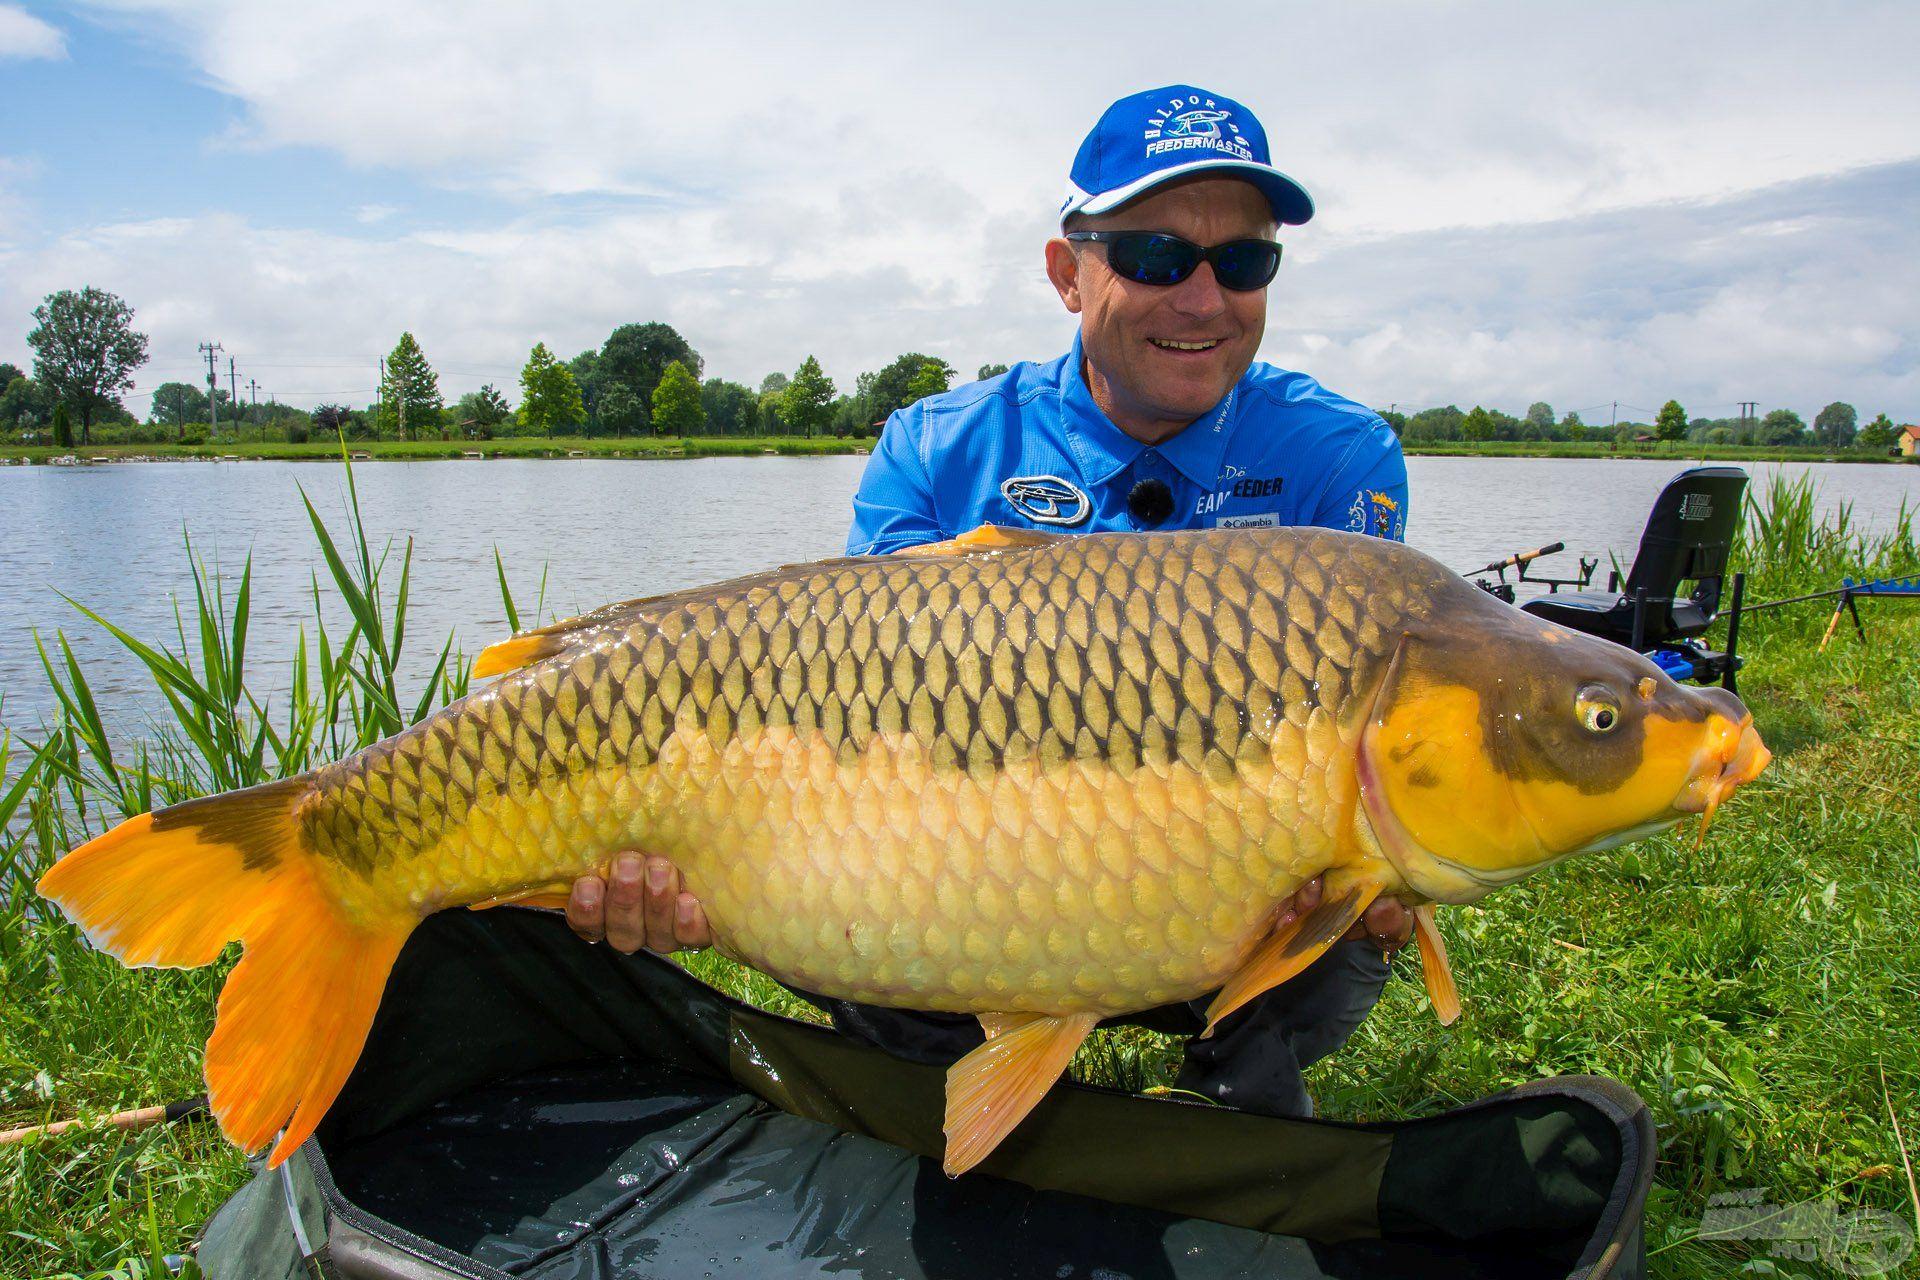 Jellemzően kb. 3 kg-os pontyok alkotják a tó állományának zömét, ugyanakkor ilyen különleges, nagy példányok is élnek a vízben